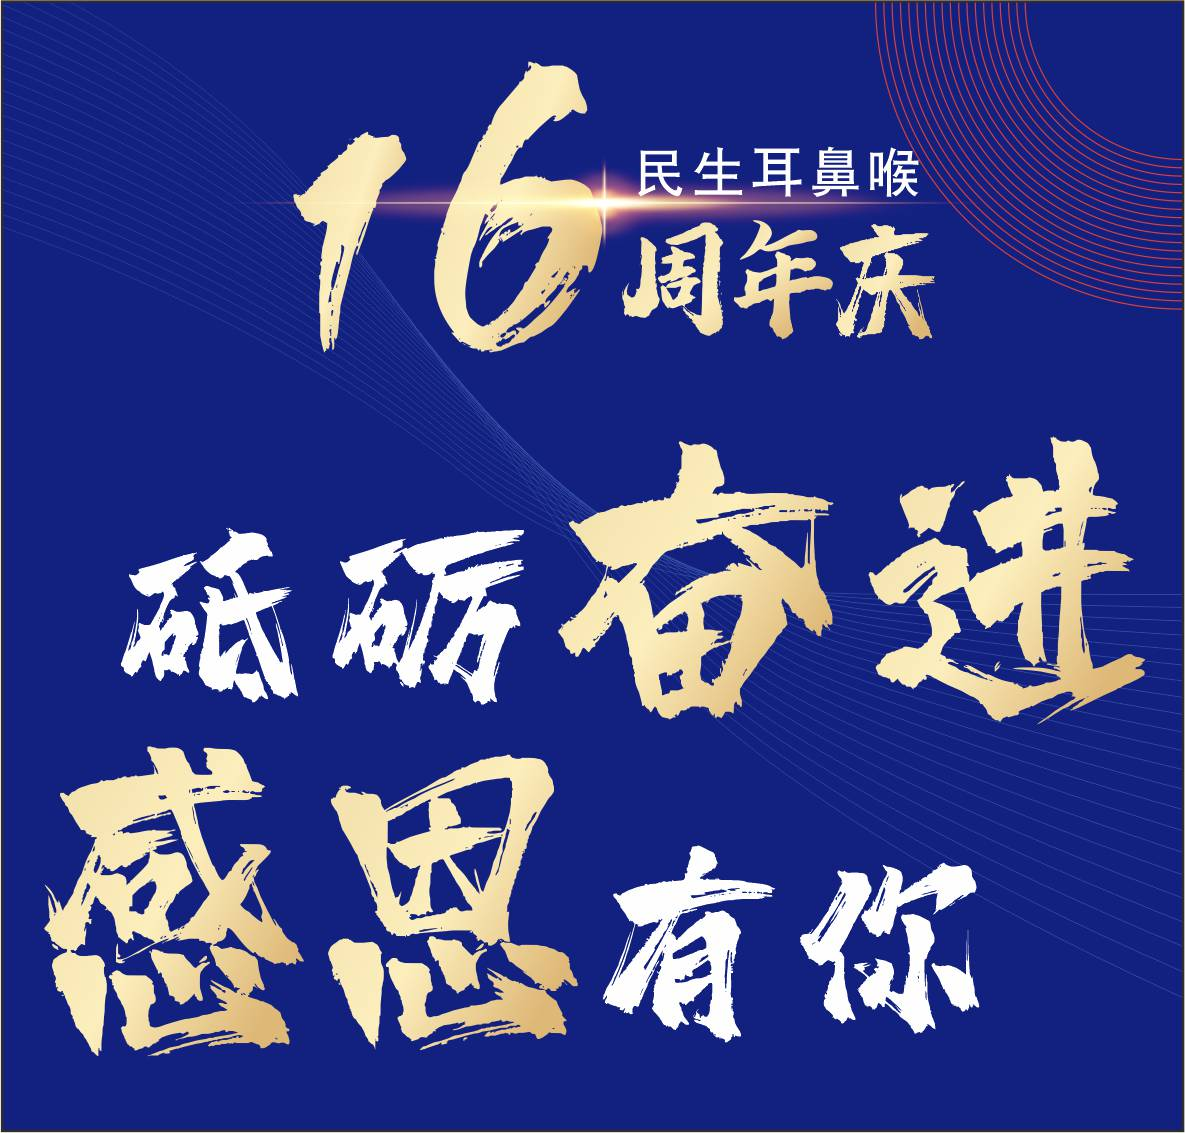 16周年庆 民生辉煌16载,砥砺奋进,感恩有你!